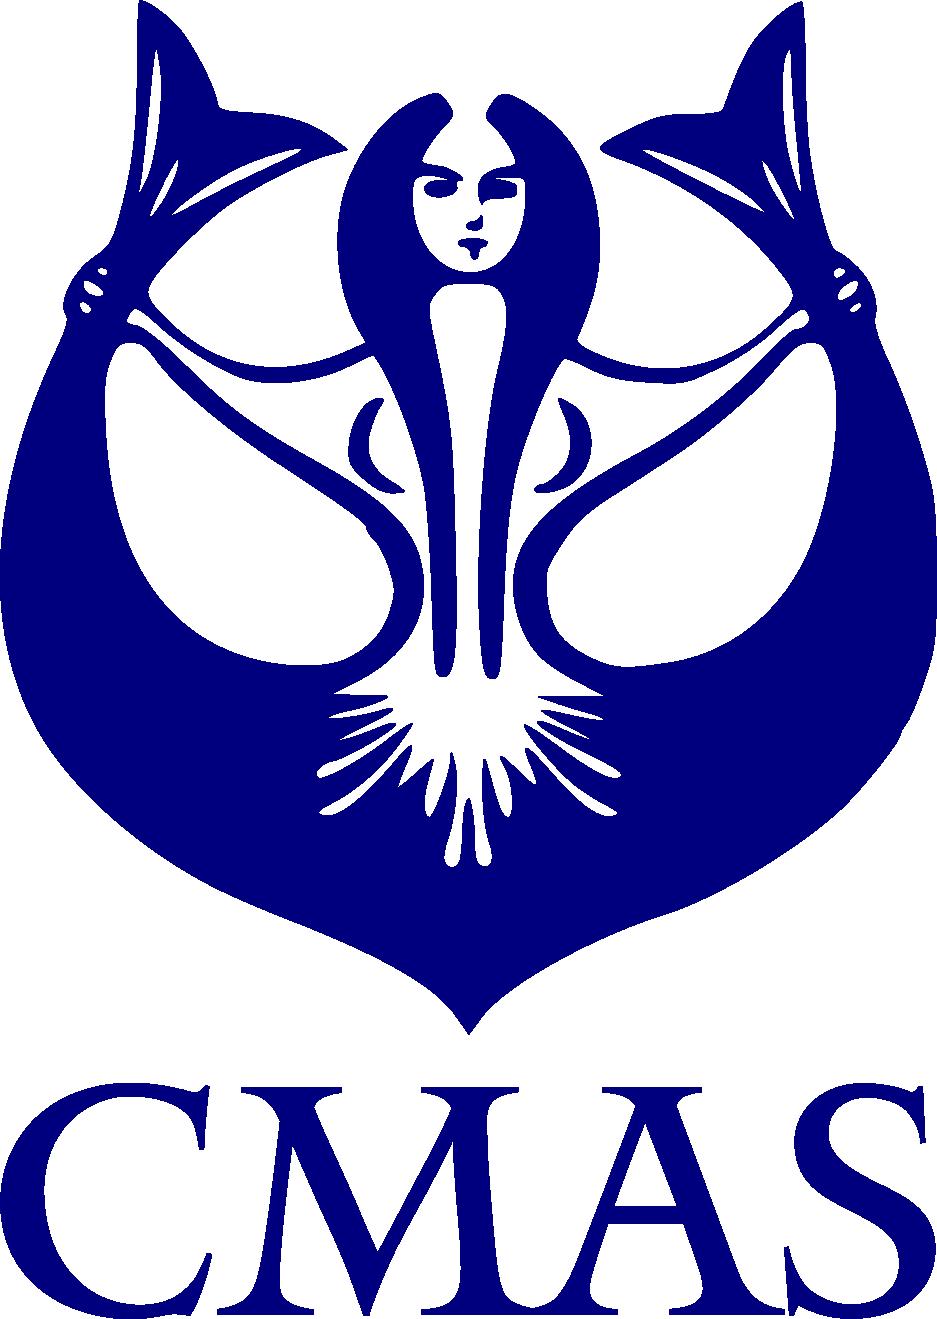 CMAS-01.png